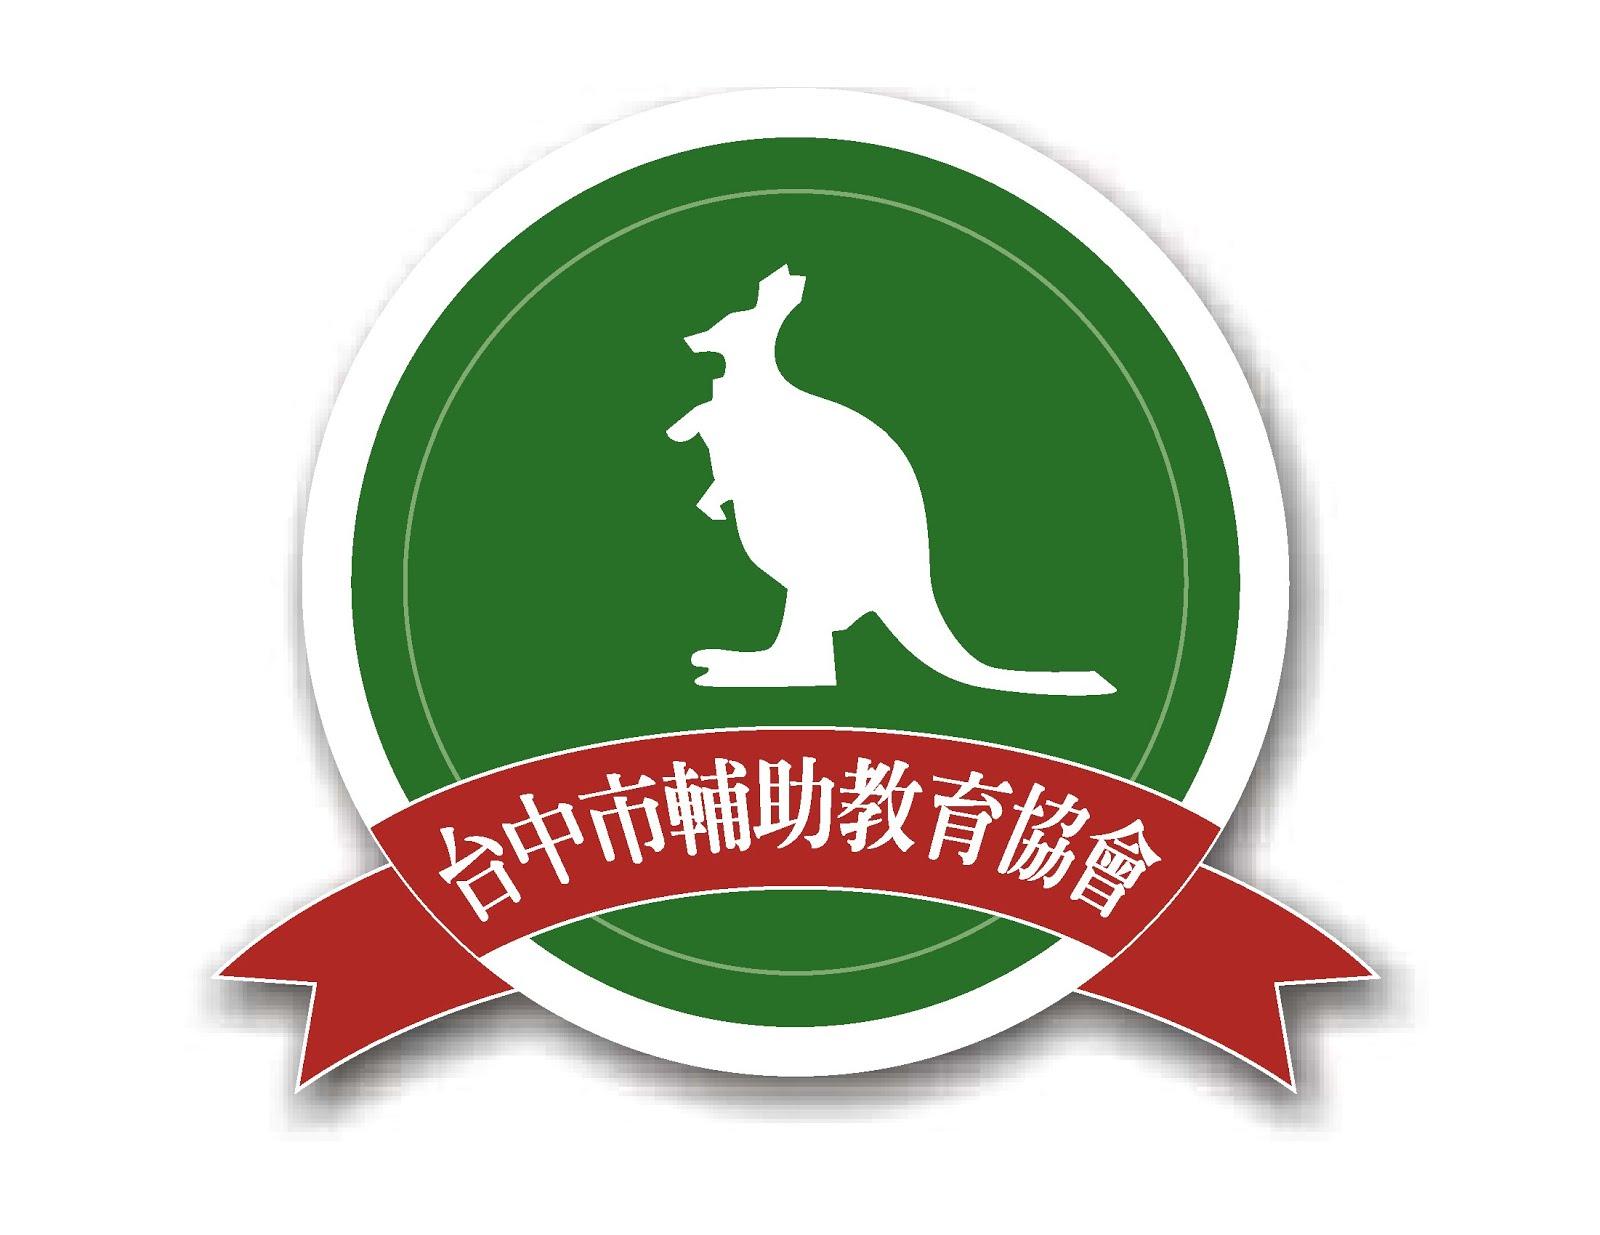 台中市輔助教育協會